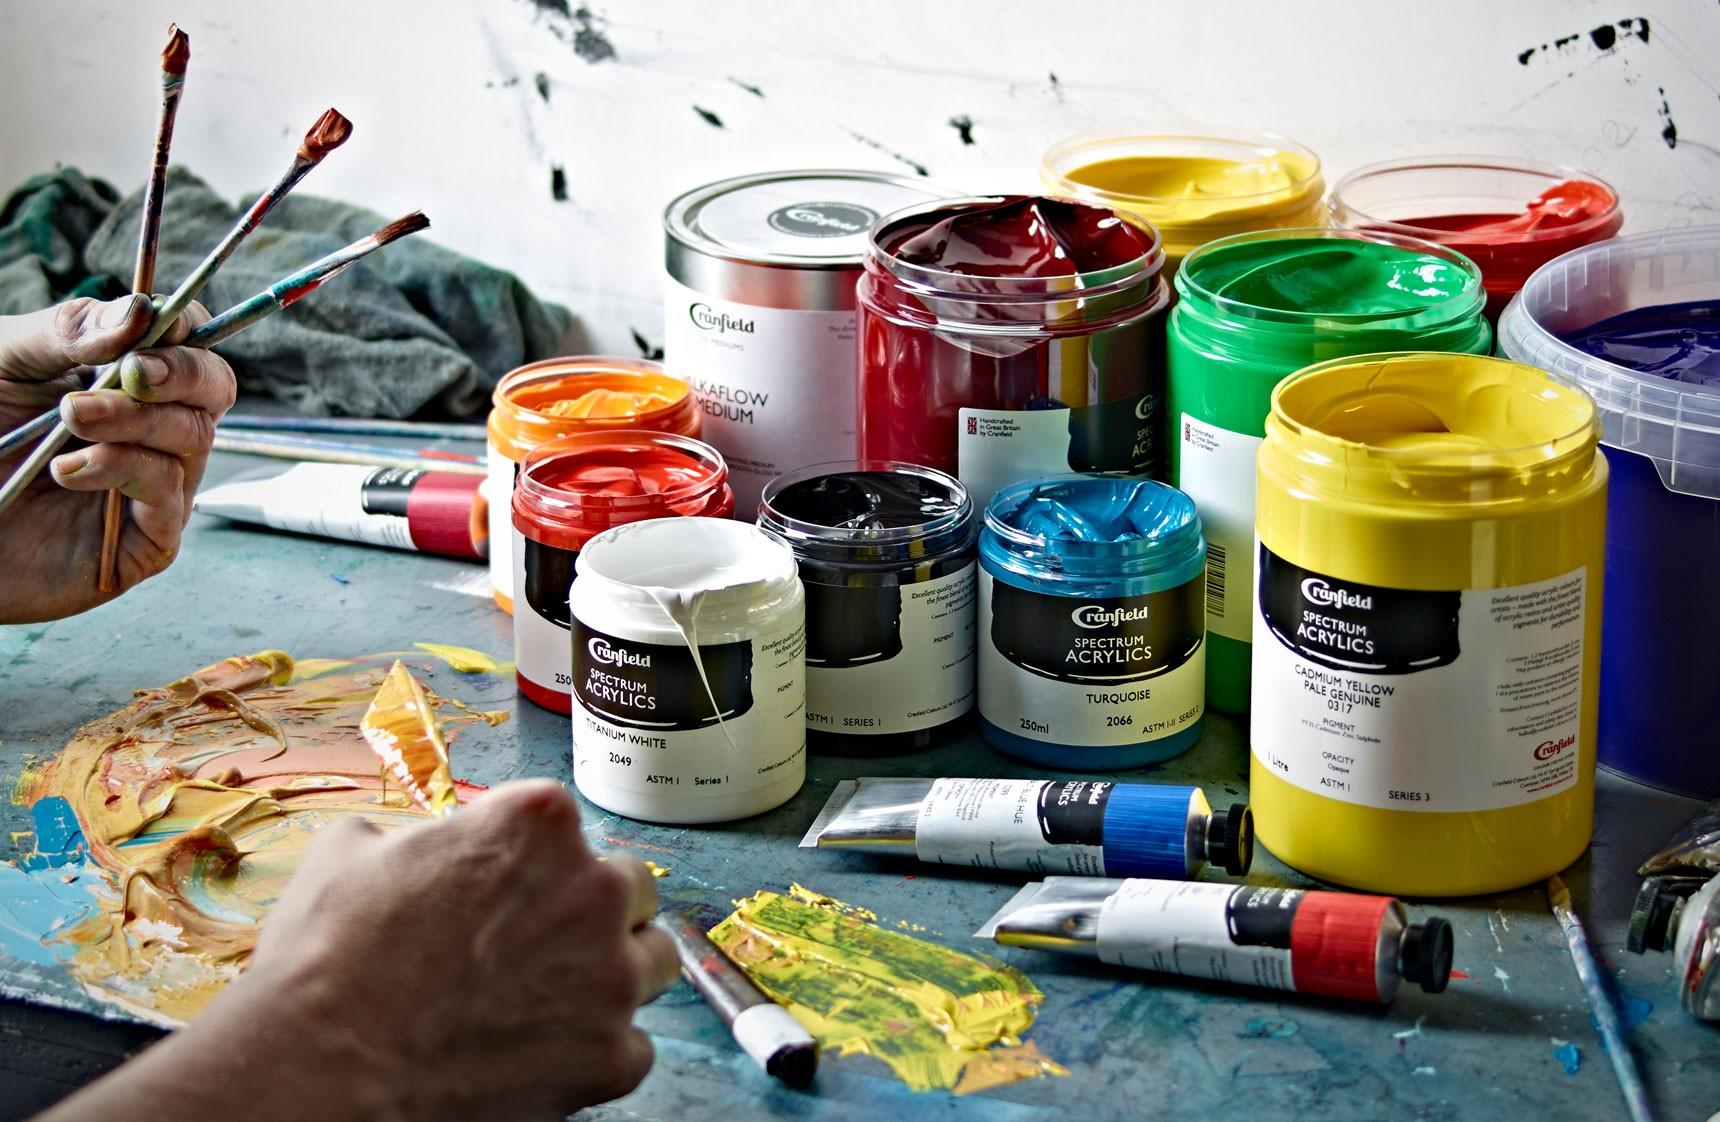 Delicate Hand Painted Stools by Project CULTURE - Maison et Objet 2019 - acrylic paint maison et objet Delicate Hand Painted Stools by Project CULTURE – Maison et Objet 2019 Delicate Hand Painted Stools by Project CULTURE Maison et Objet 2019 acrylic paint